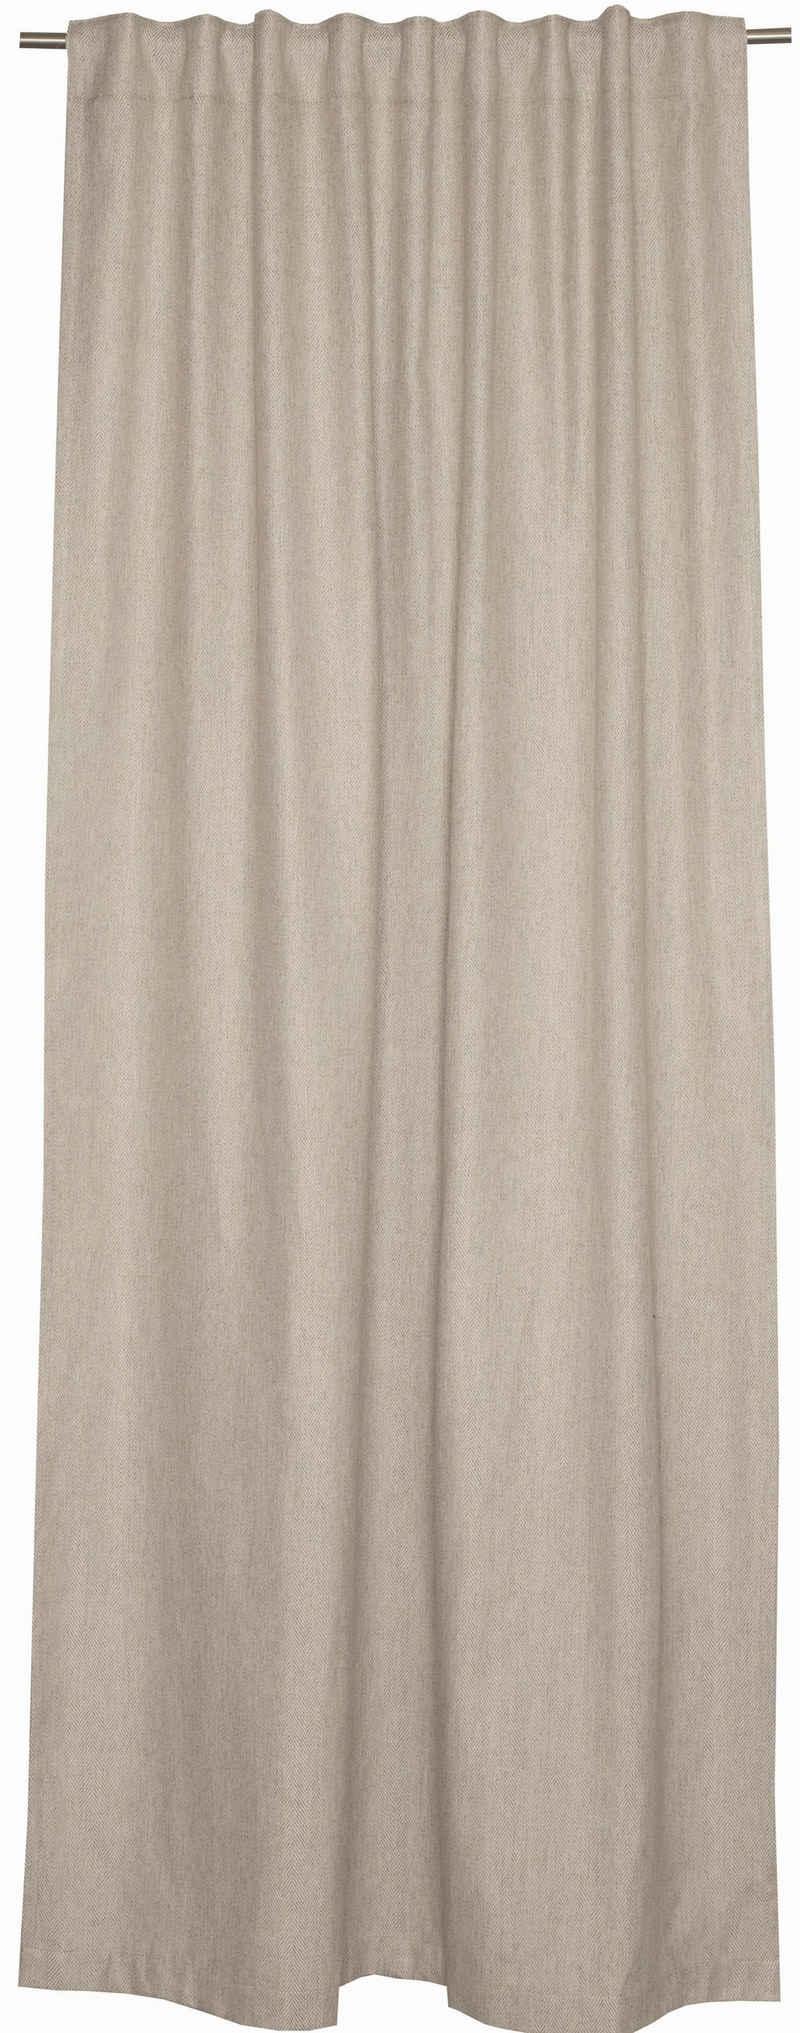 Vorhang »Baia«, Esprit, verdeckte Schlaufen (1 Stück), HxB: 250x140